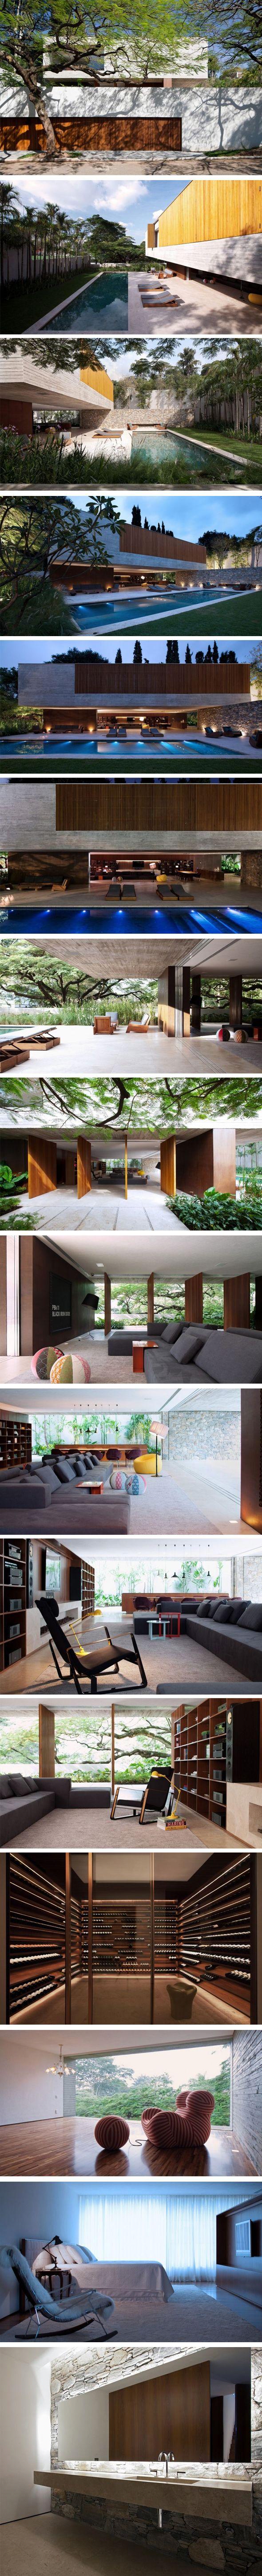 Ipes House - StudioMK27